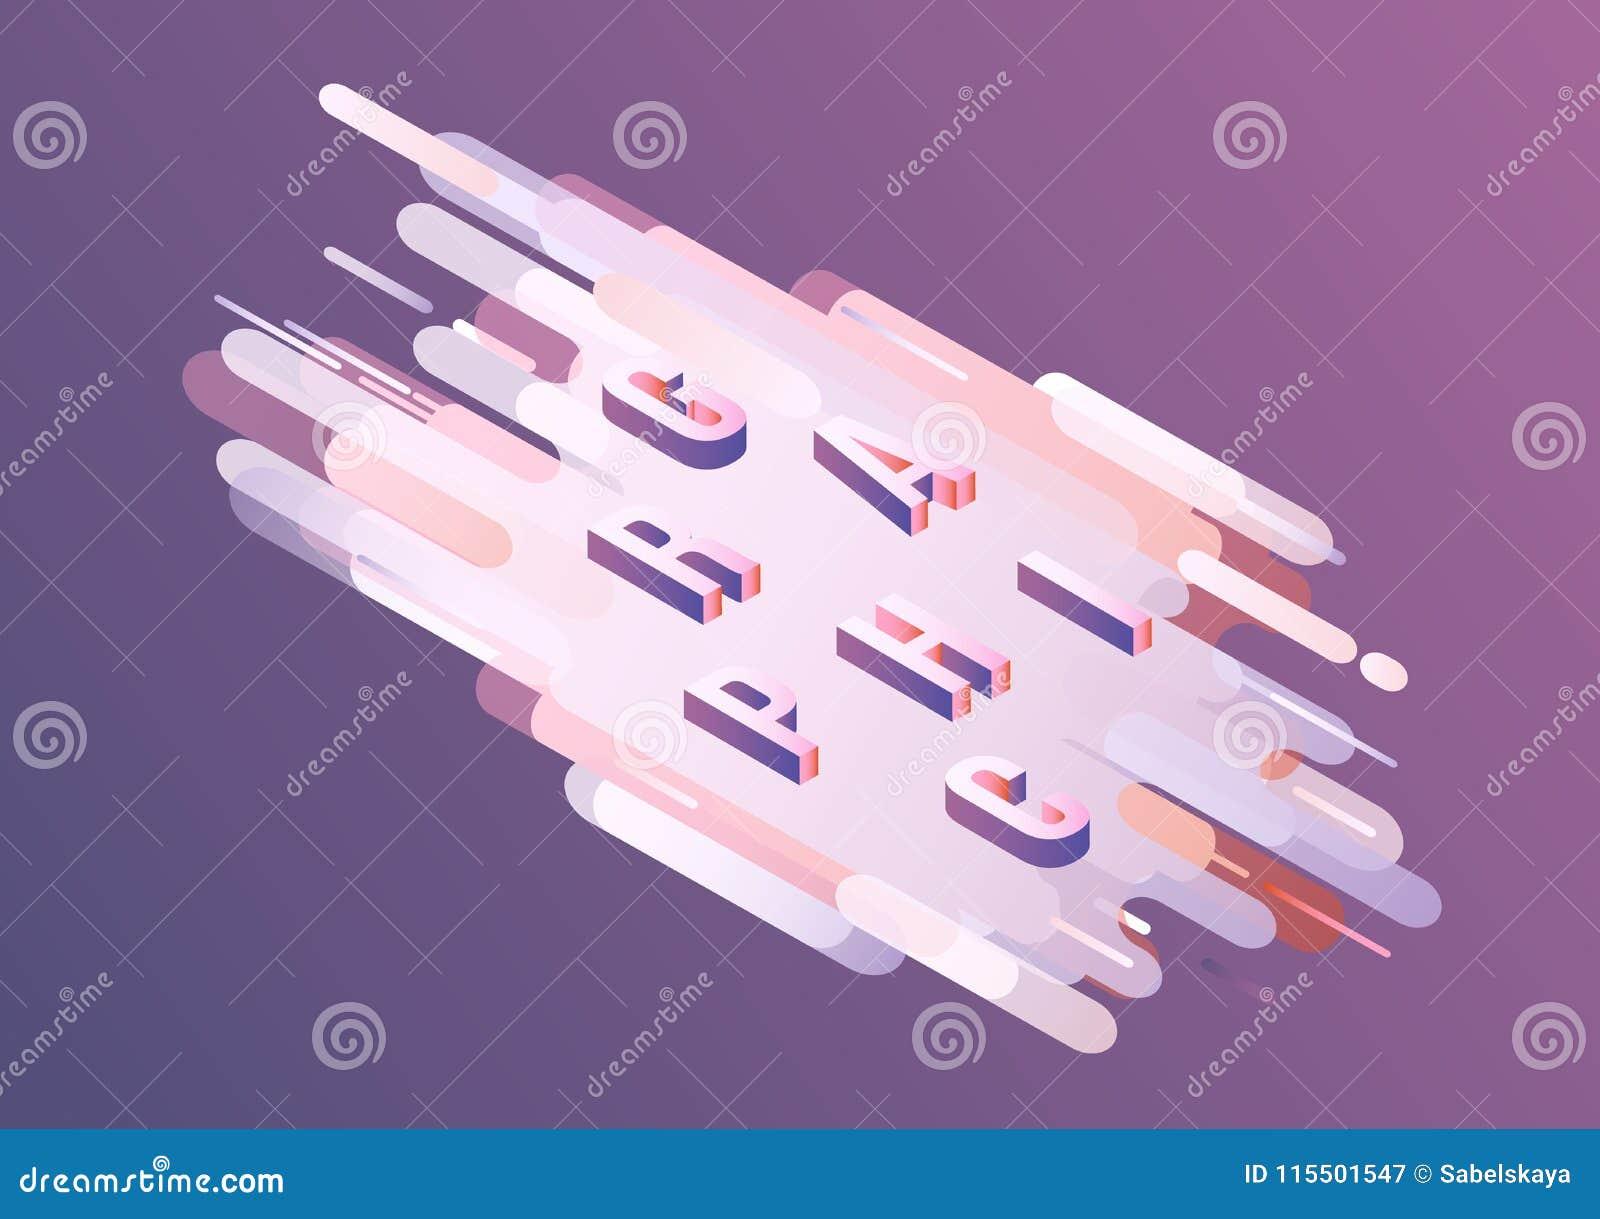 Grafisch woord isometrisch ontwerp - volumetrische brieven op violette gradiënt abstracte achtergrond